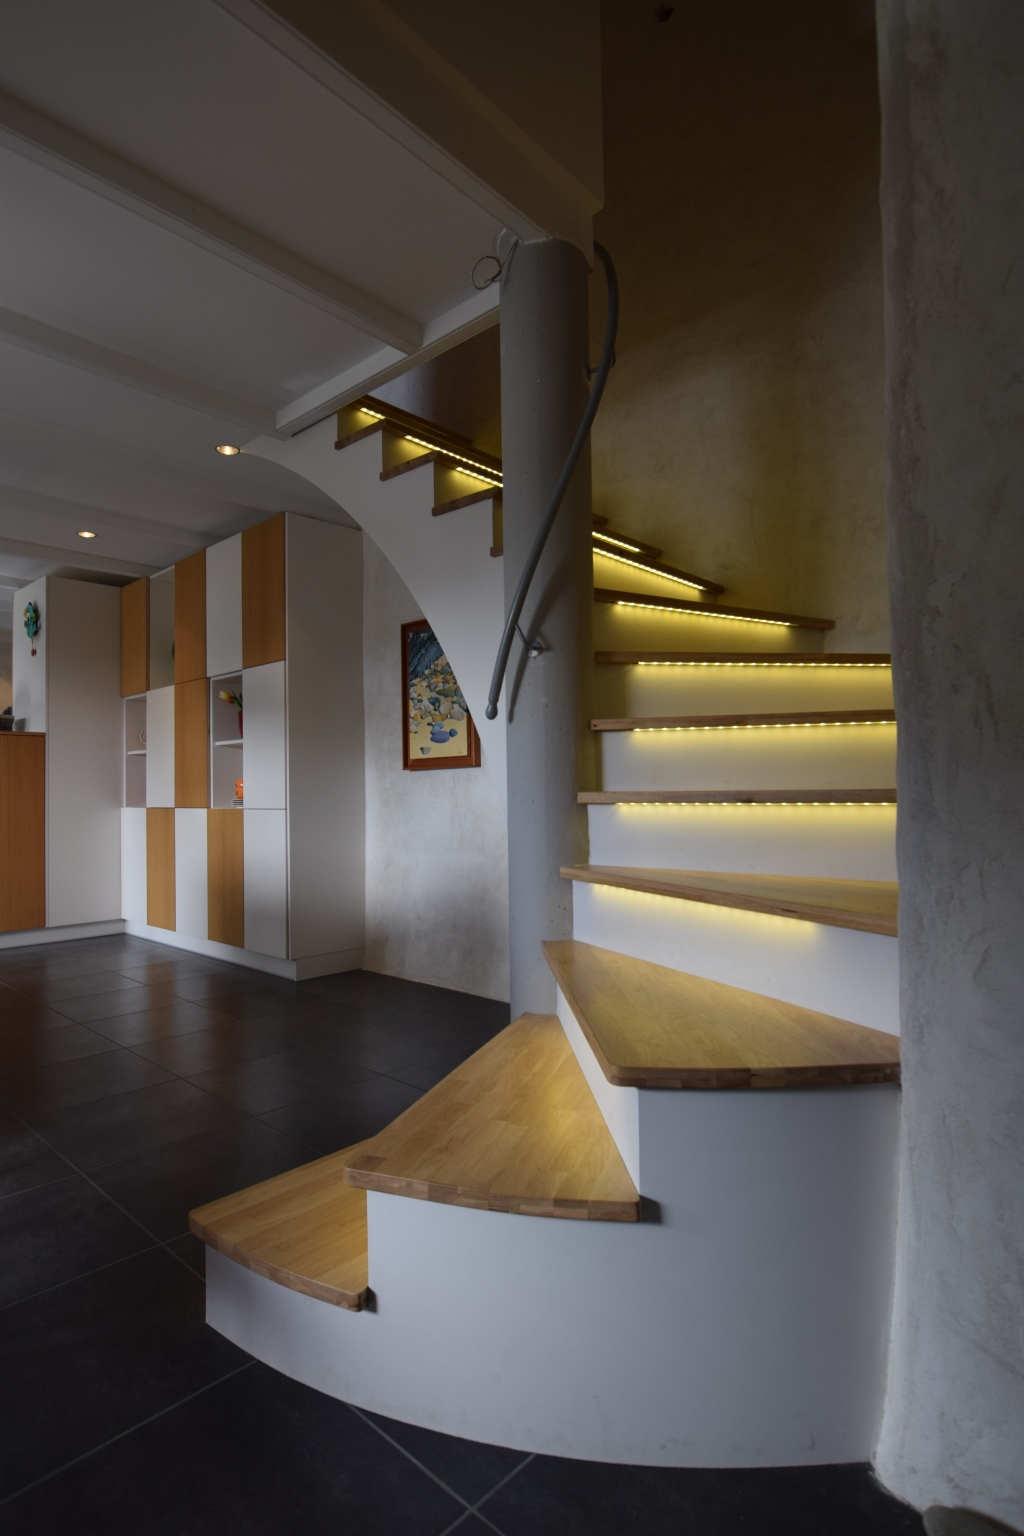 escalier à brest au-conquet plouzané le relecq-kerhuon plougastel guipavas saint-renan dans le finistère